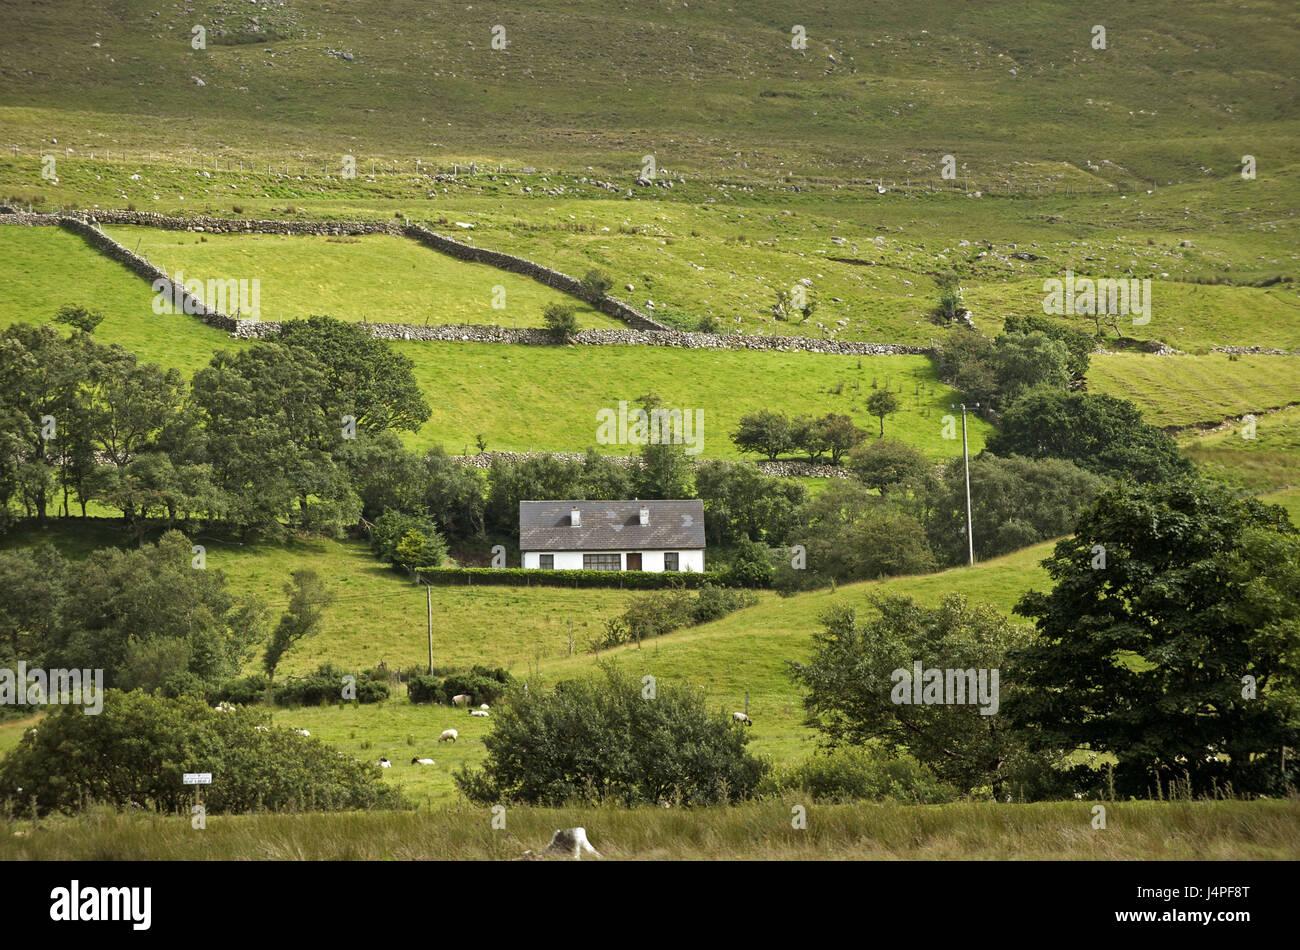 Ireland, Connacht, county Mayo, farm, - Stock Image